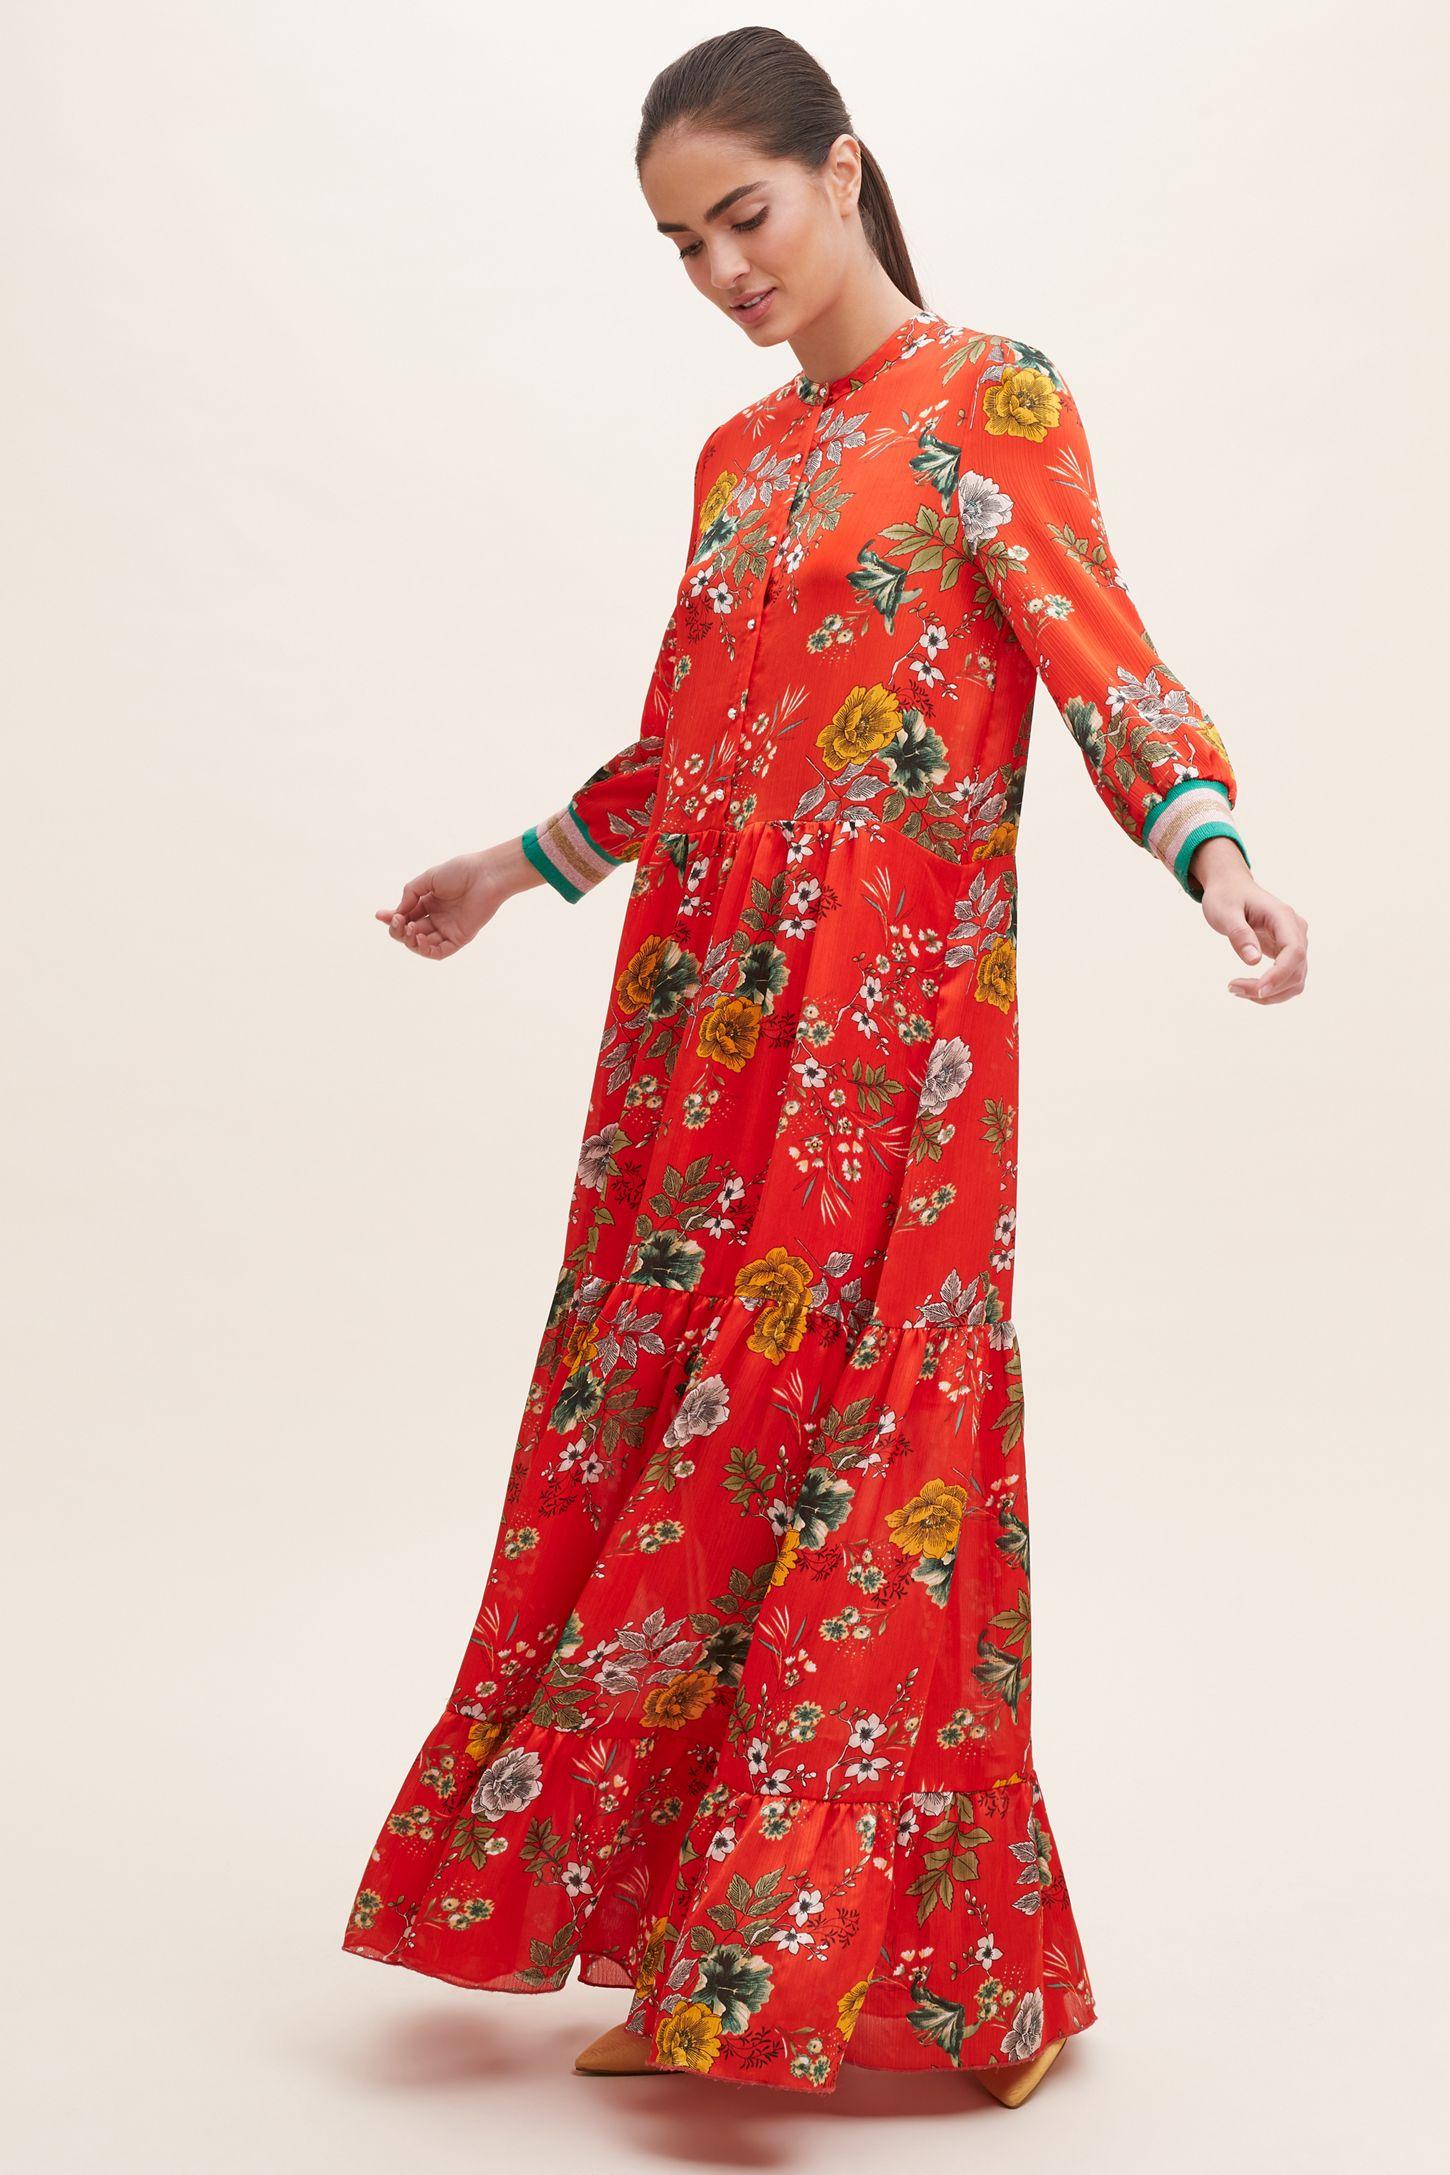 d18e111de27e8c Nee Floral-Print Maxi Dress | Anthropologie UK